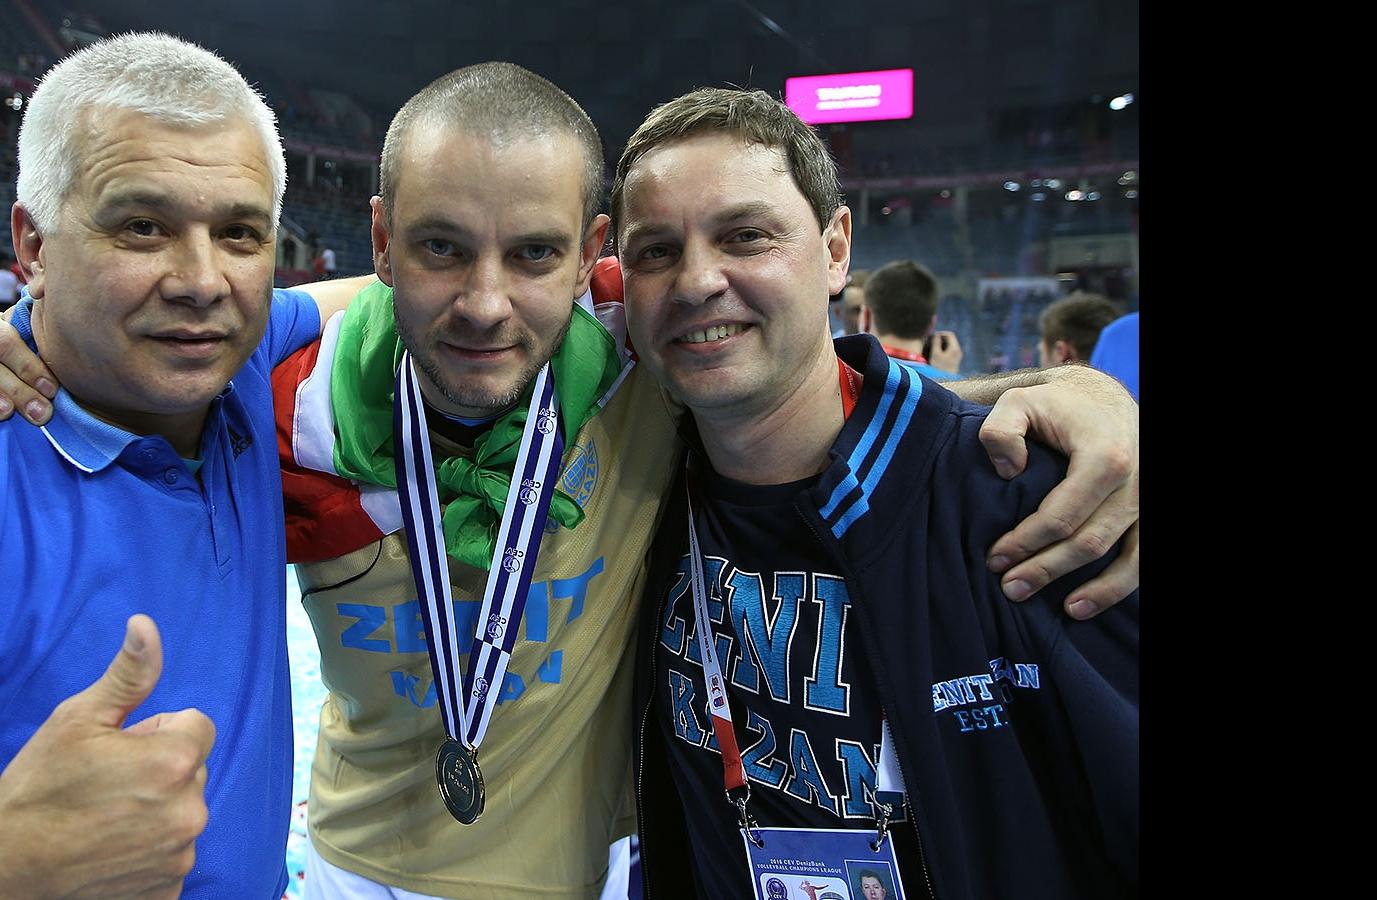 Ильшат Сагитов, Владислав Бабичев и Олег Брызгалов